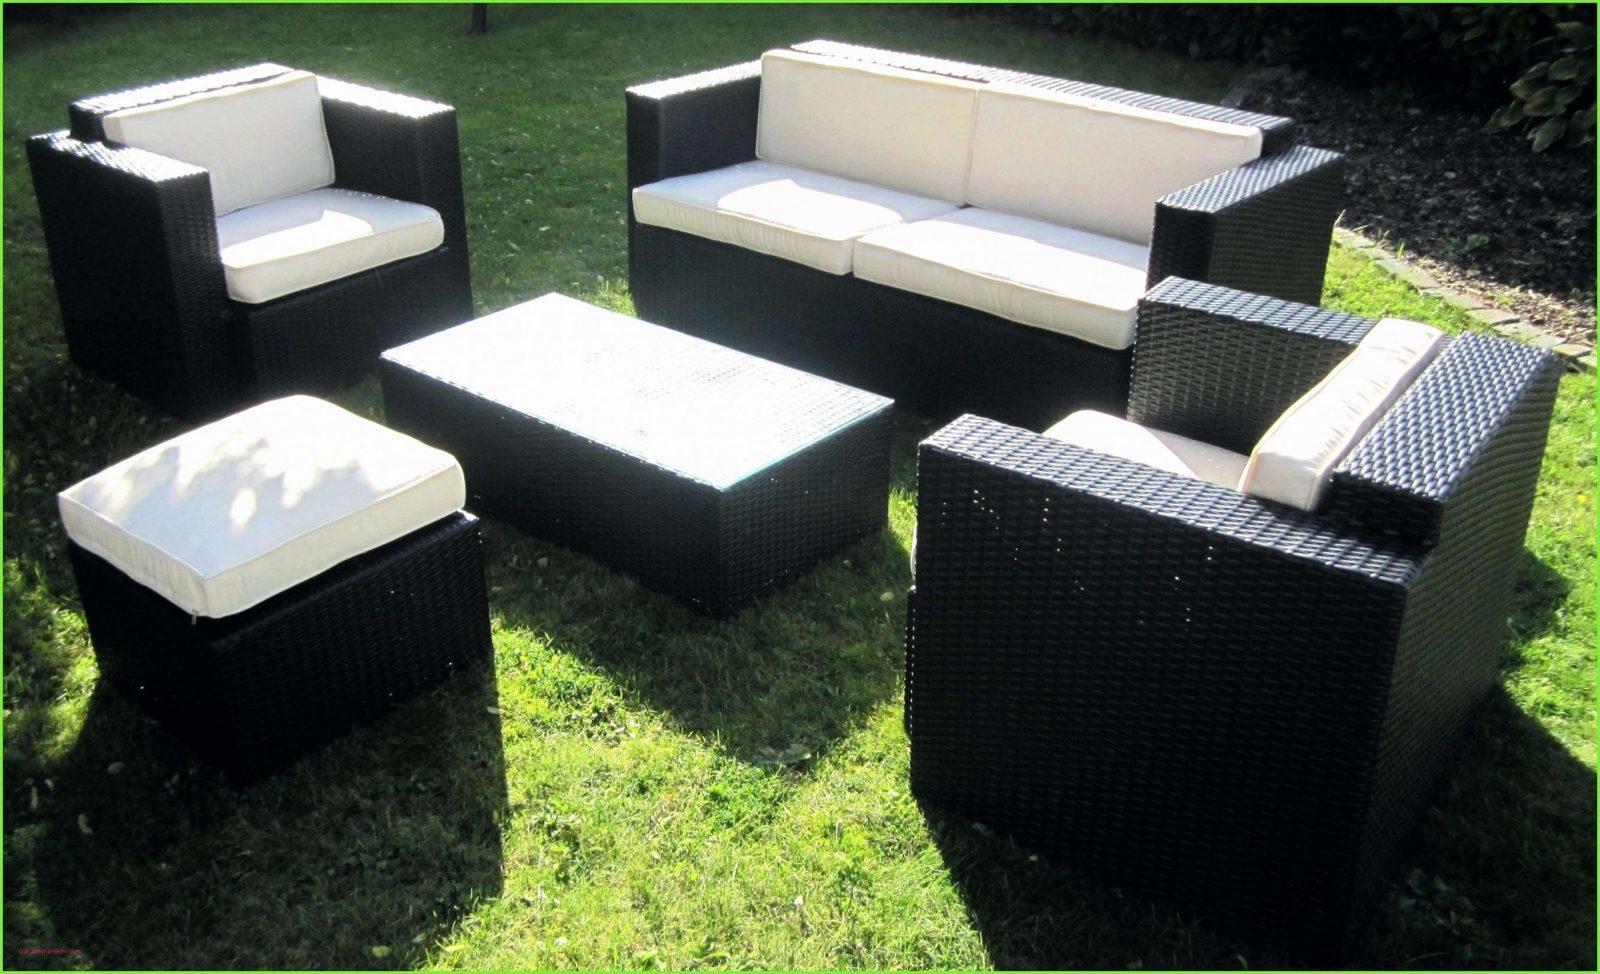 Lounge Set Garten Luxus 44 Einzigartig Garten Lounge Set Gebraucht von Garten Lounge Set Gebraucht Bild